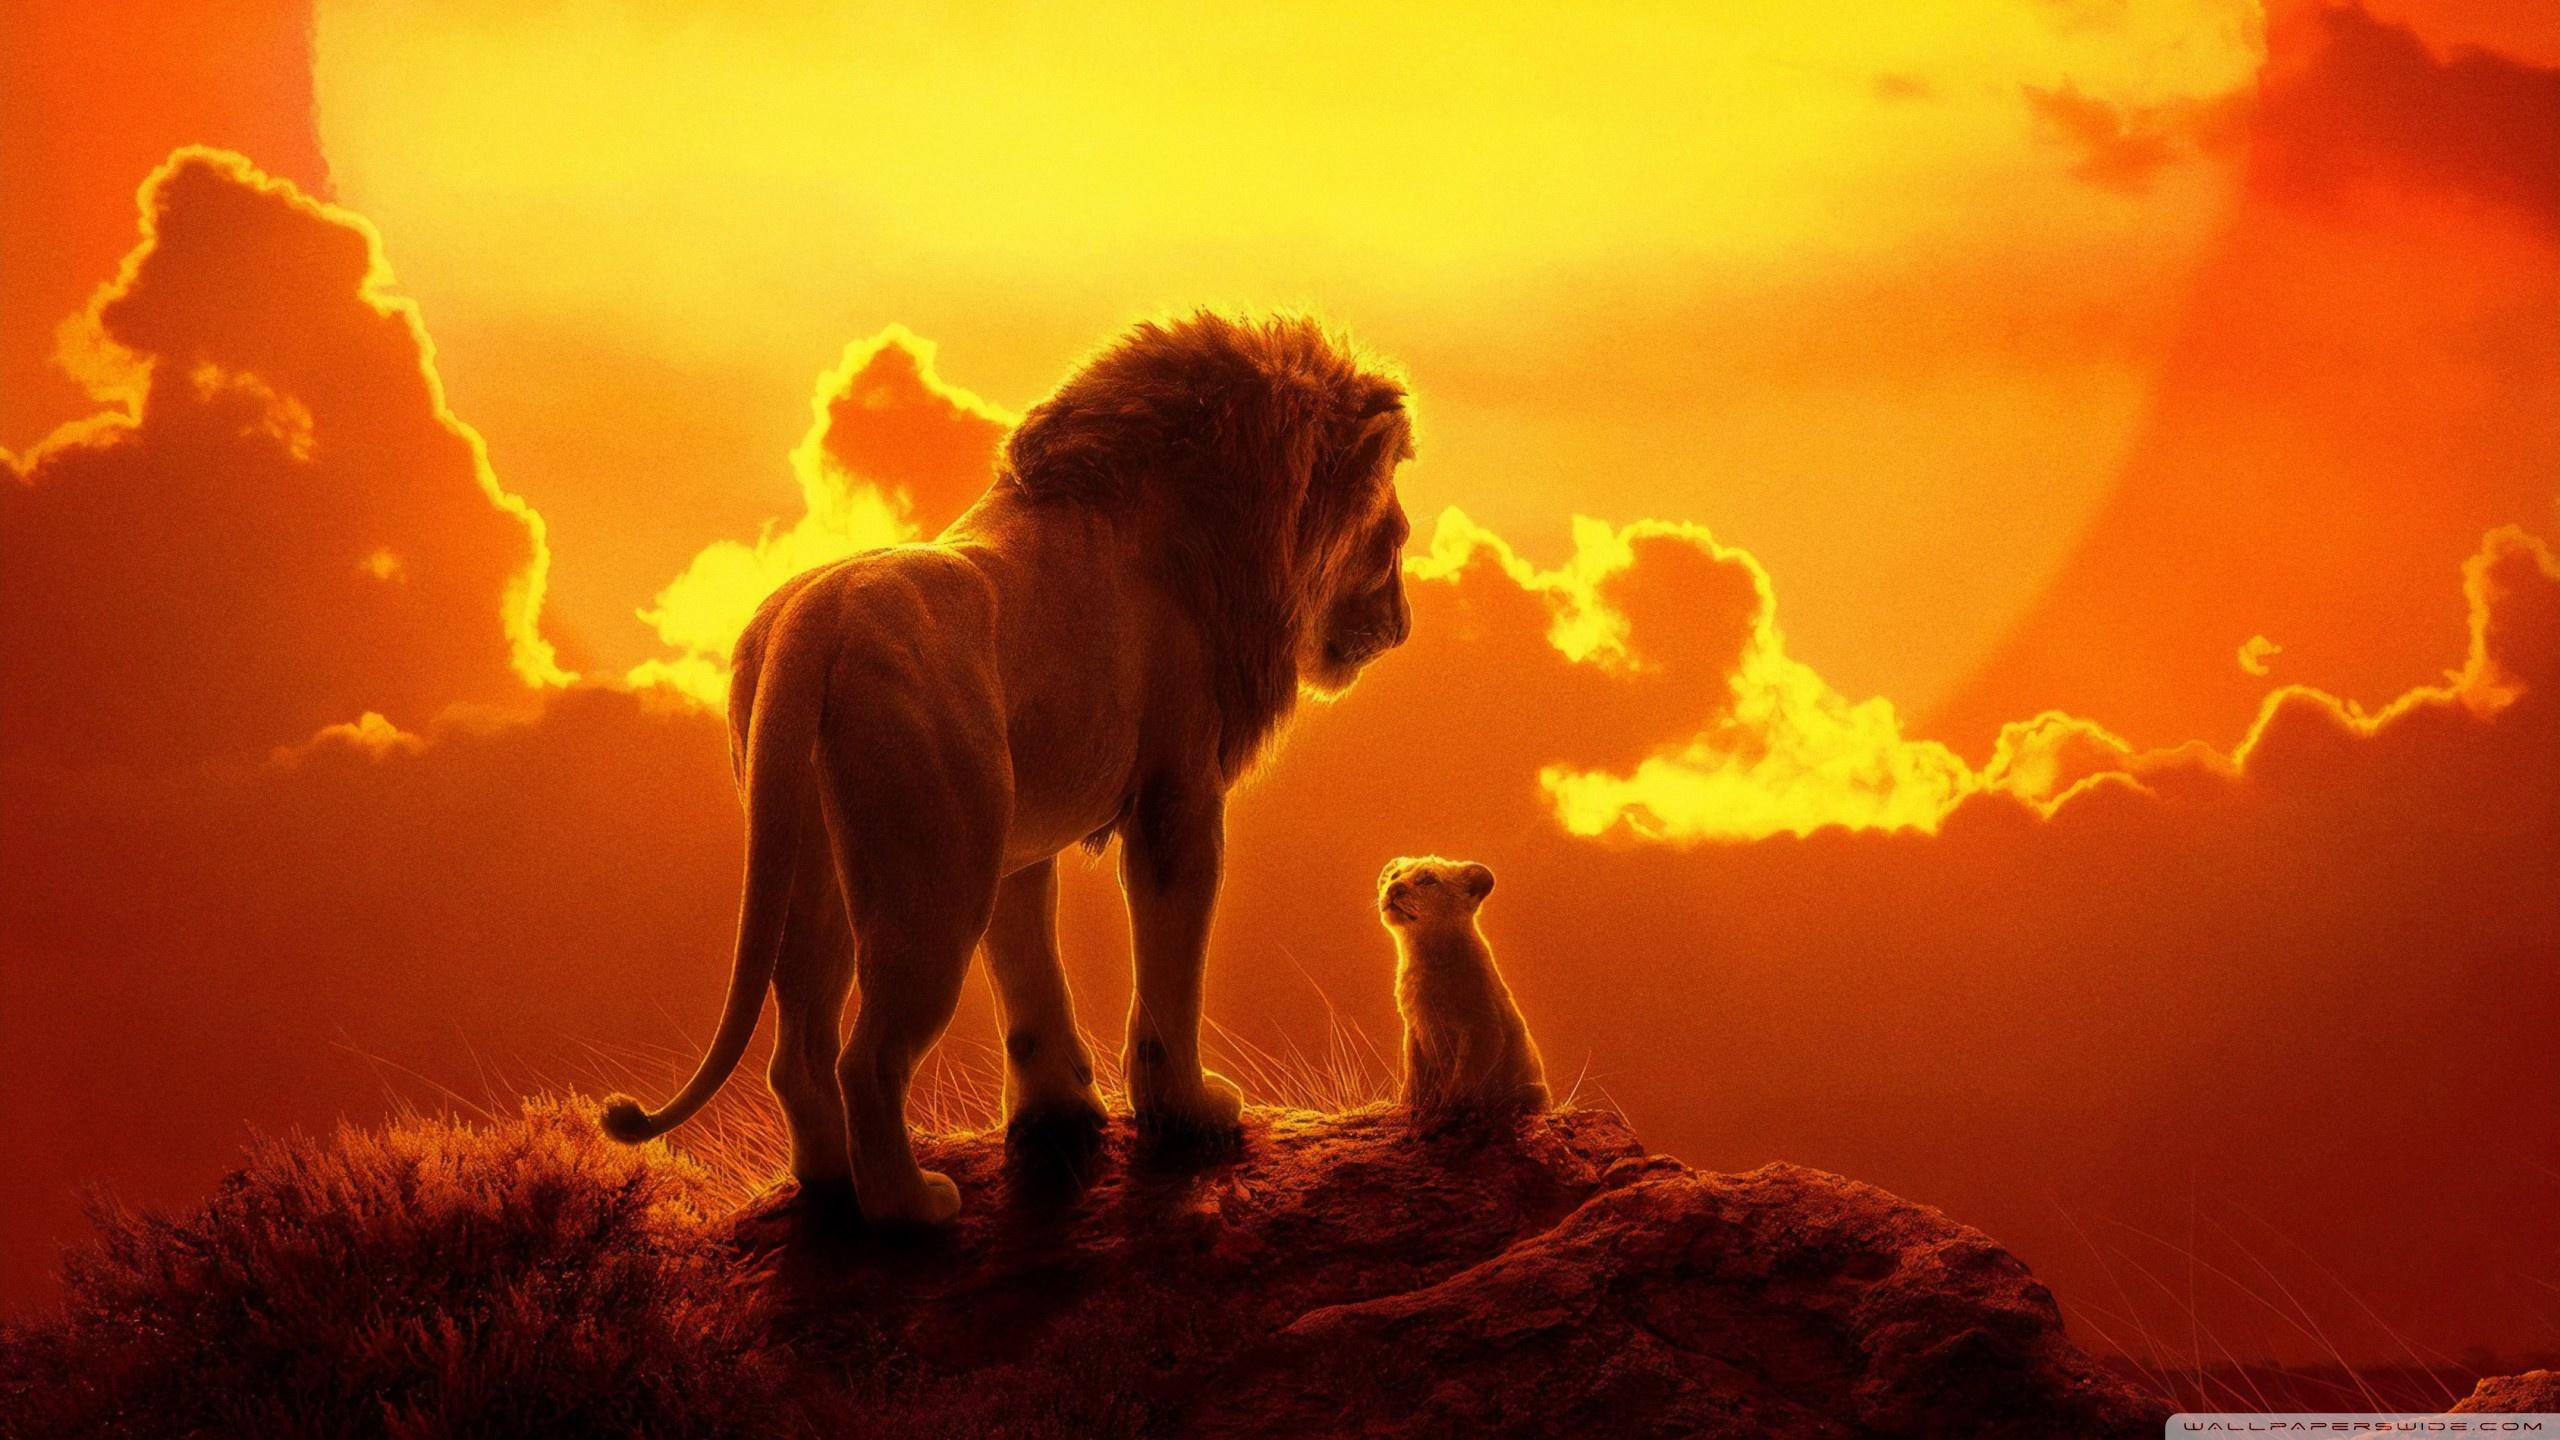 The Lion King 2019 4K HD Desktop Wallpaper for 4K Ultra HD TV 2560x1440